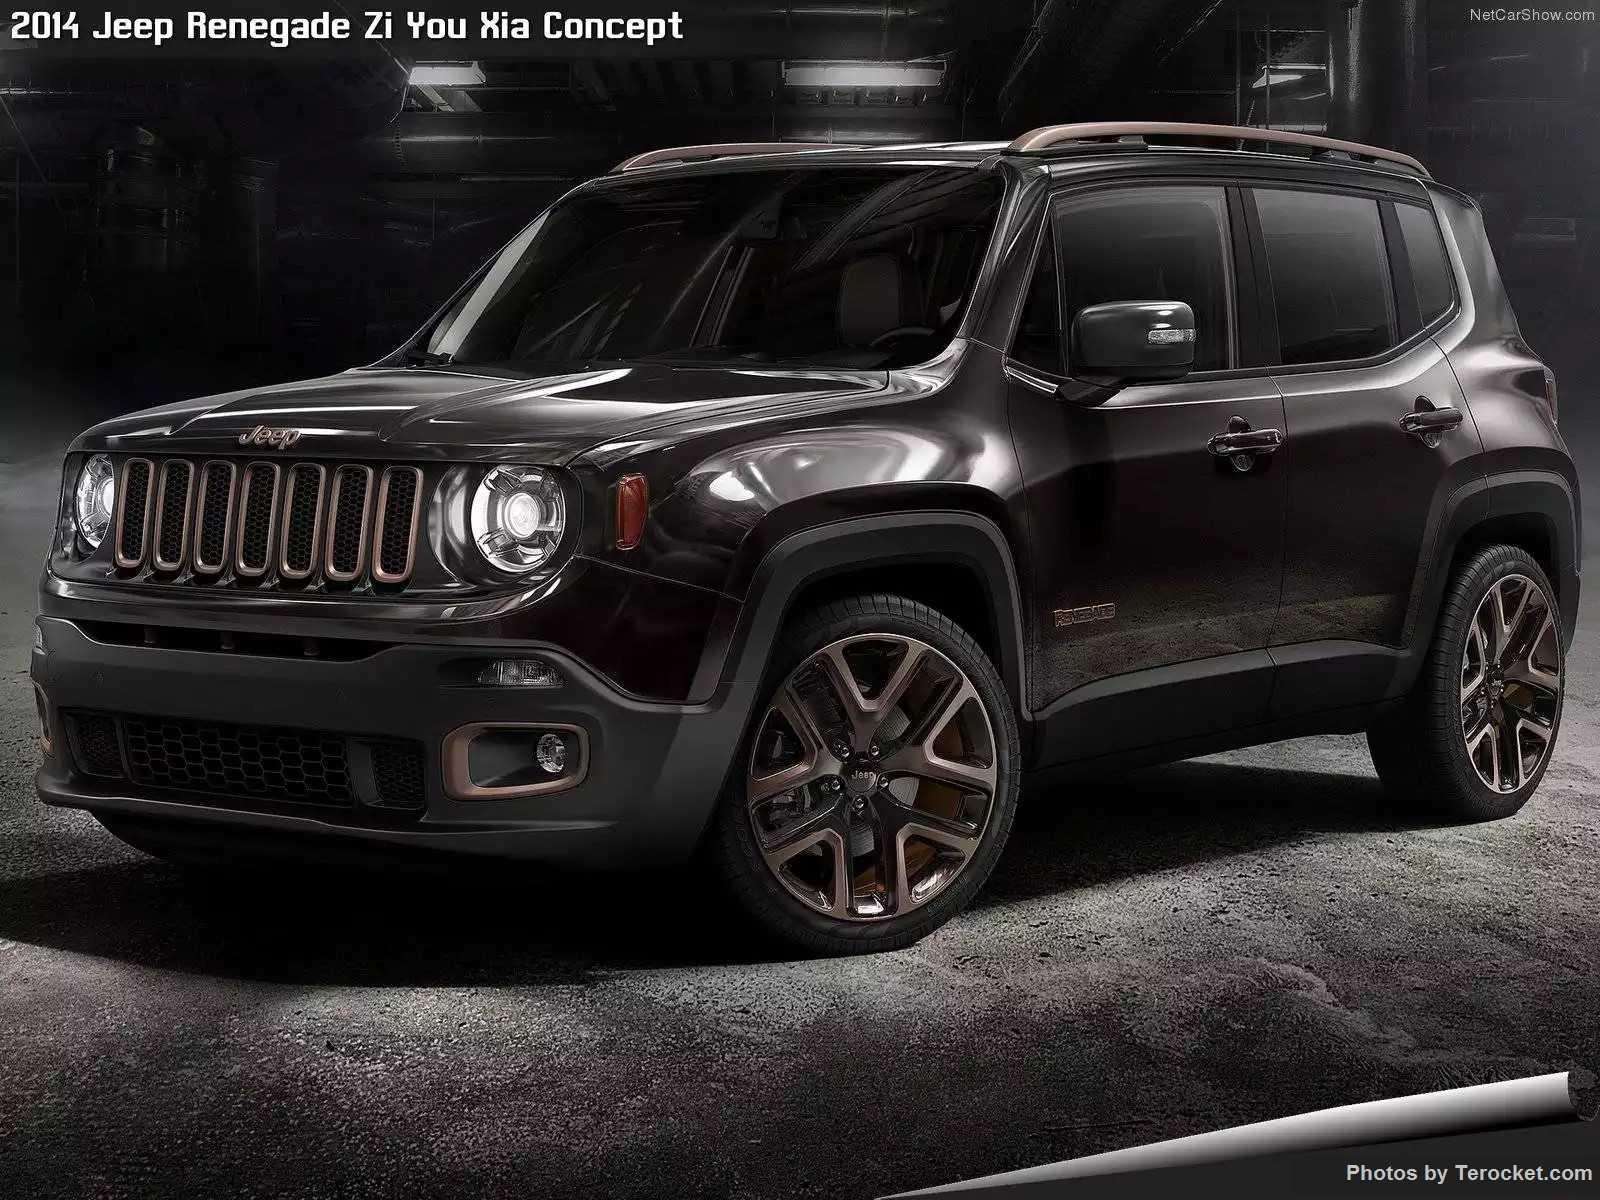 Hình ảnh xe ô tô Jeep Renegade Zi You Xia Concept 2014 & nội ngoại thất